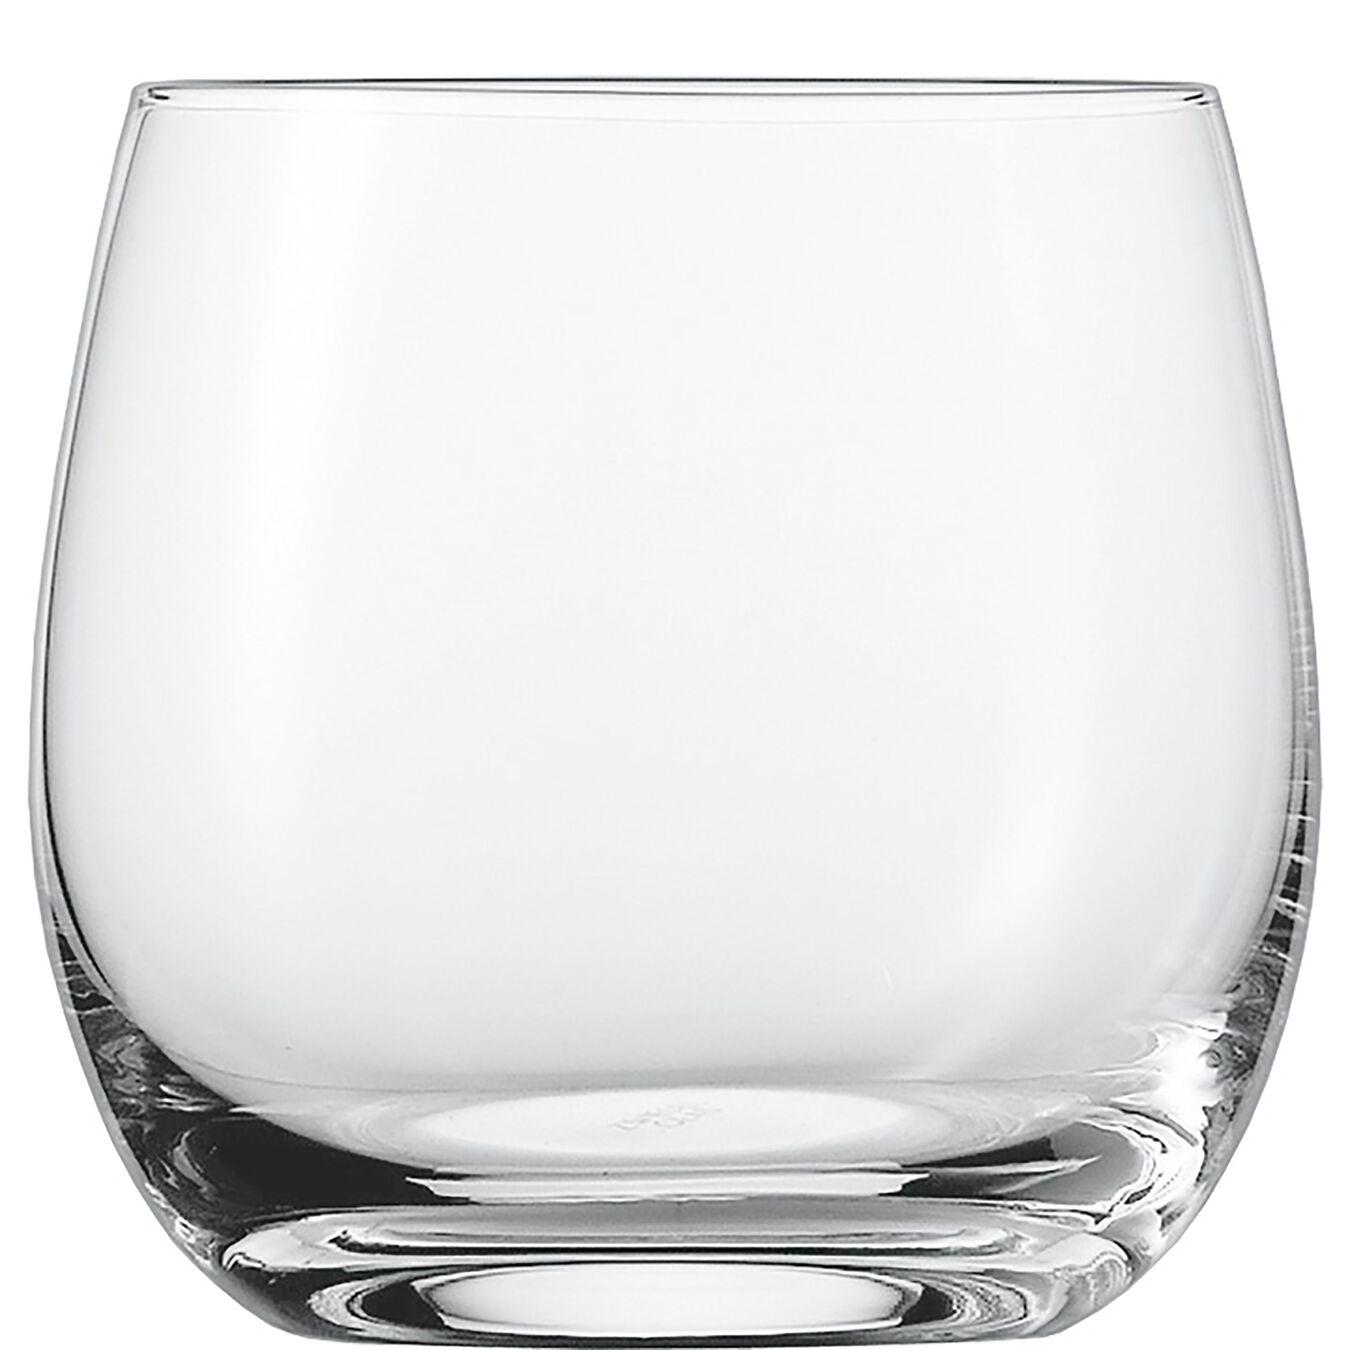 Su Bardağı   340 ml,,large 1